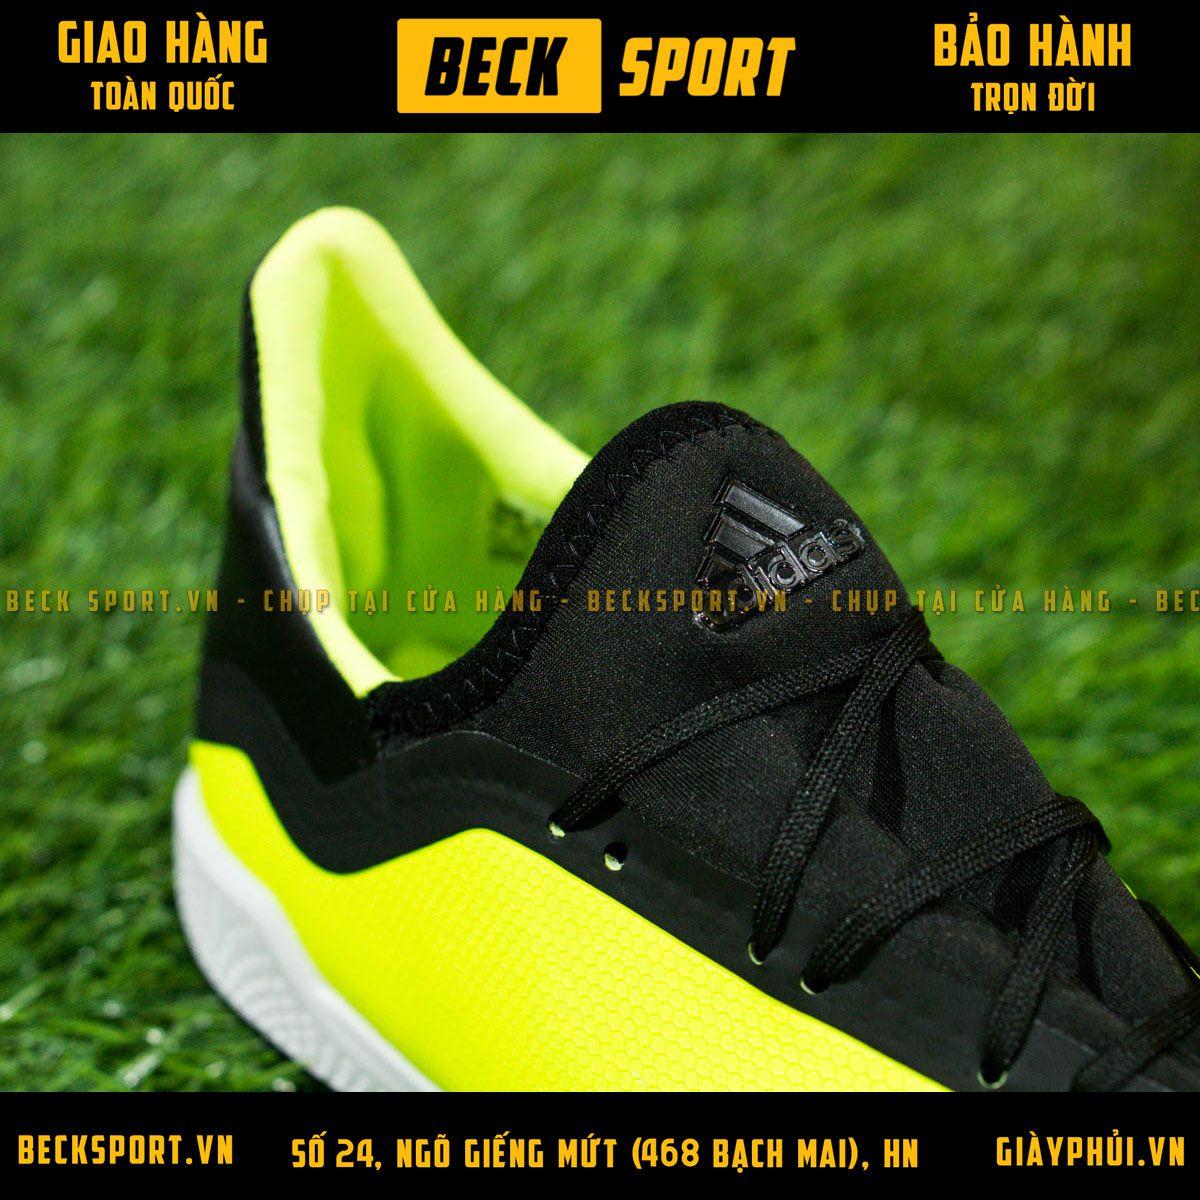 Giày Bóng Đá Adidas X 18.3 Nõn Chuối Vạch Đen Cổ Đen TF